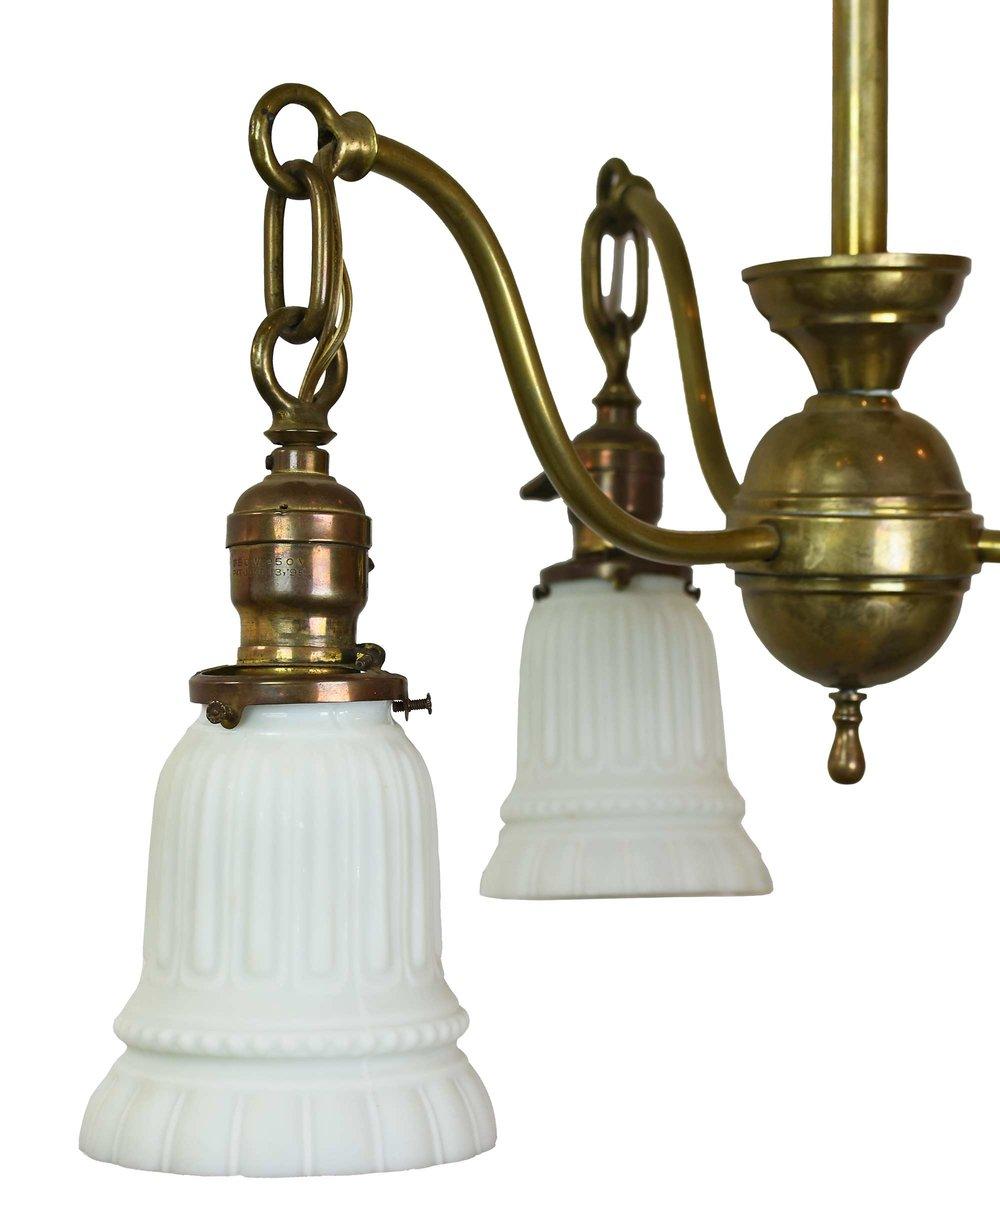 43457-3-arm-brass-chandelier-arm.jpg